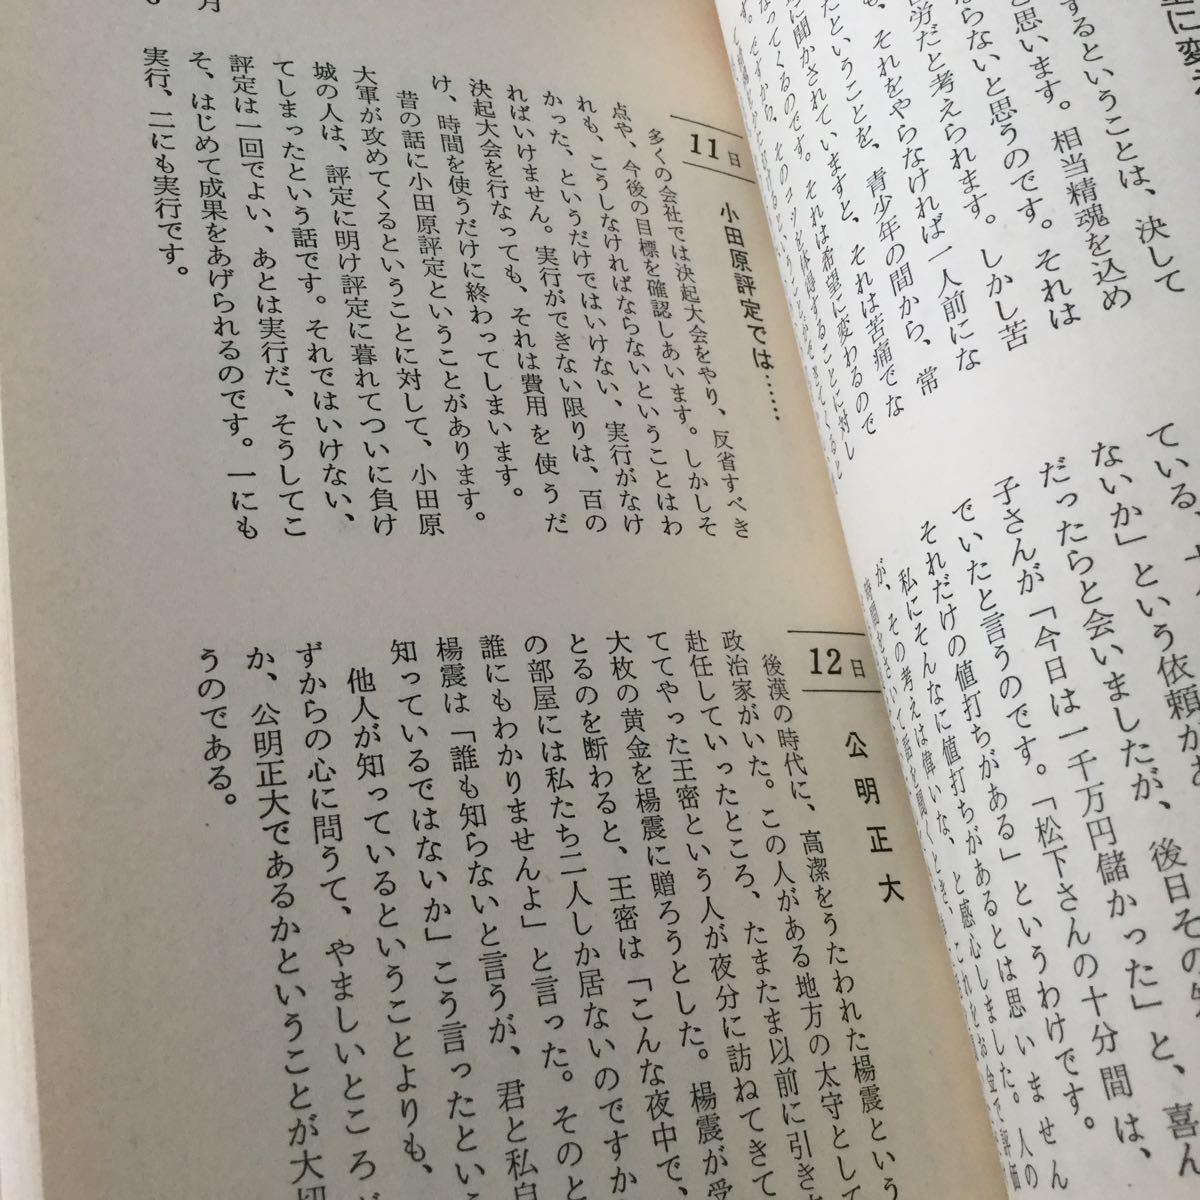 42 松下幸之助一日一話 仕事の知恵 人生の知恵 PHP研究所編 経営のコツ 経営者 生き方 考え方 PHP A022 本 小説 日本作家 日本小説 哲学_画像5